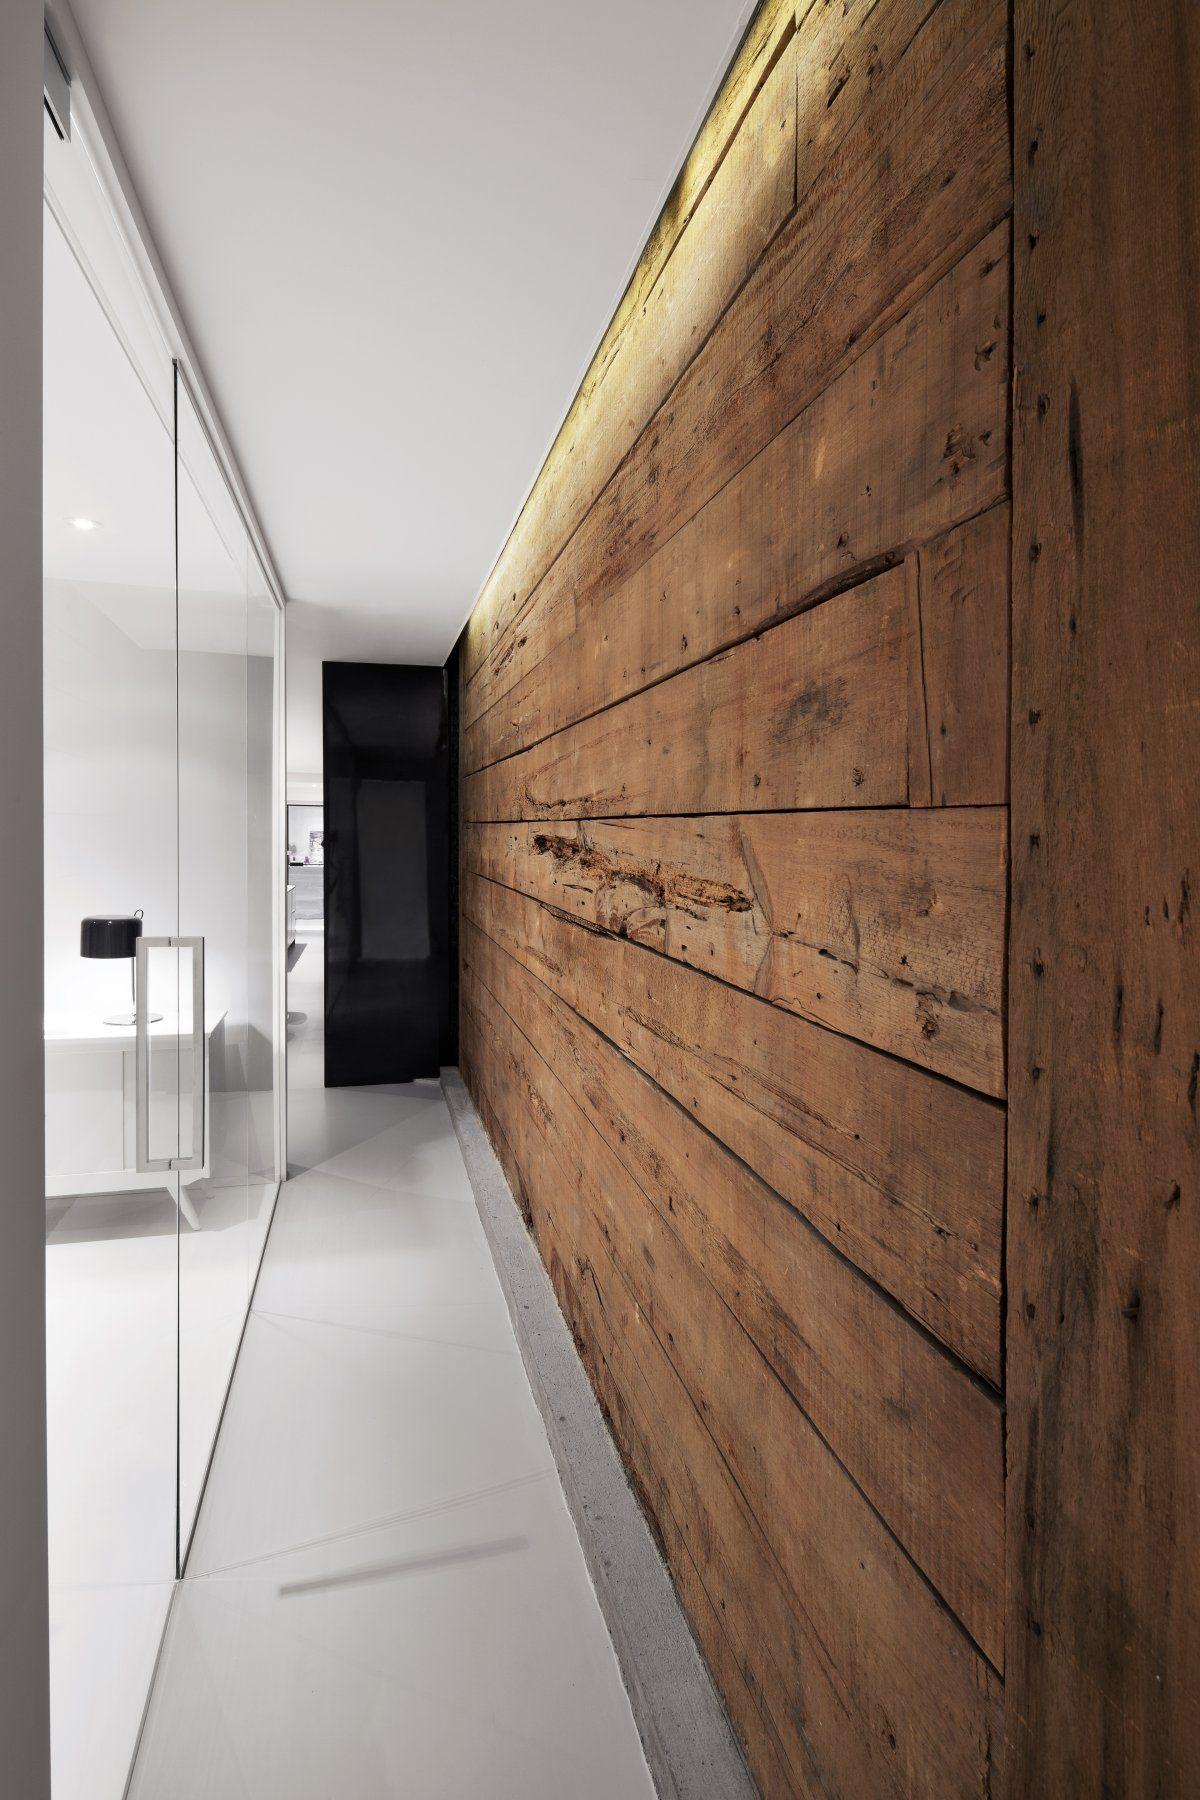 Wahrlich strukturiert: Schöne Wohnung mit Wänden aus Rohstoffen ...